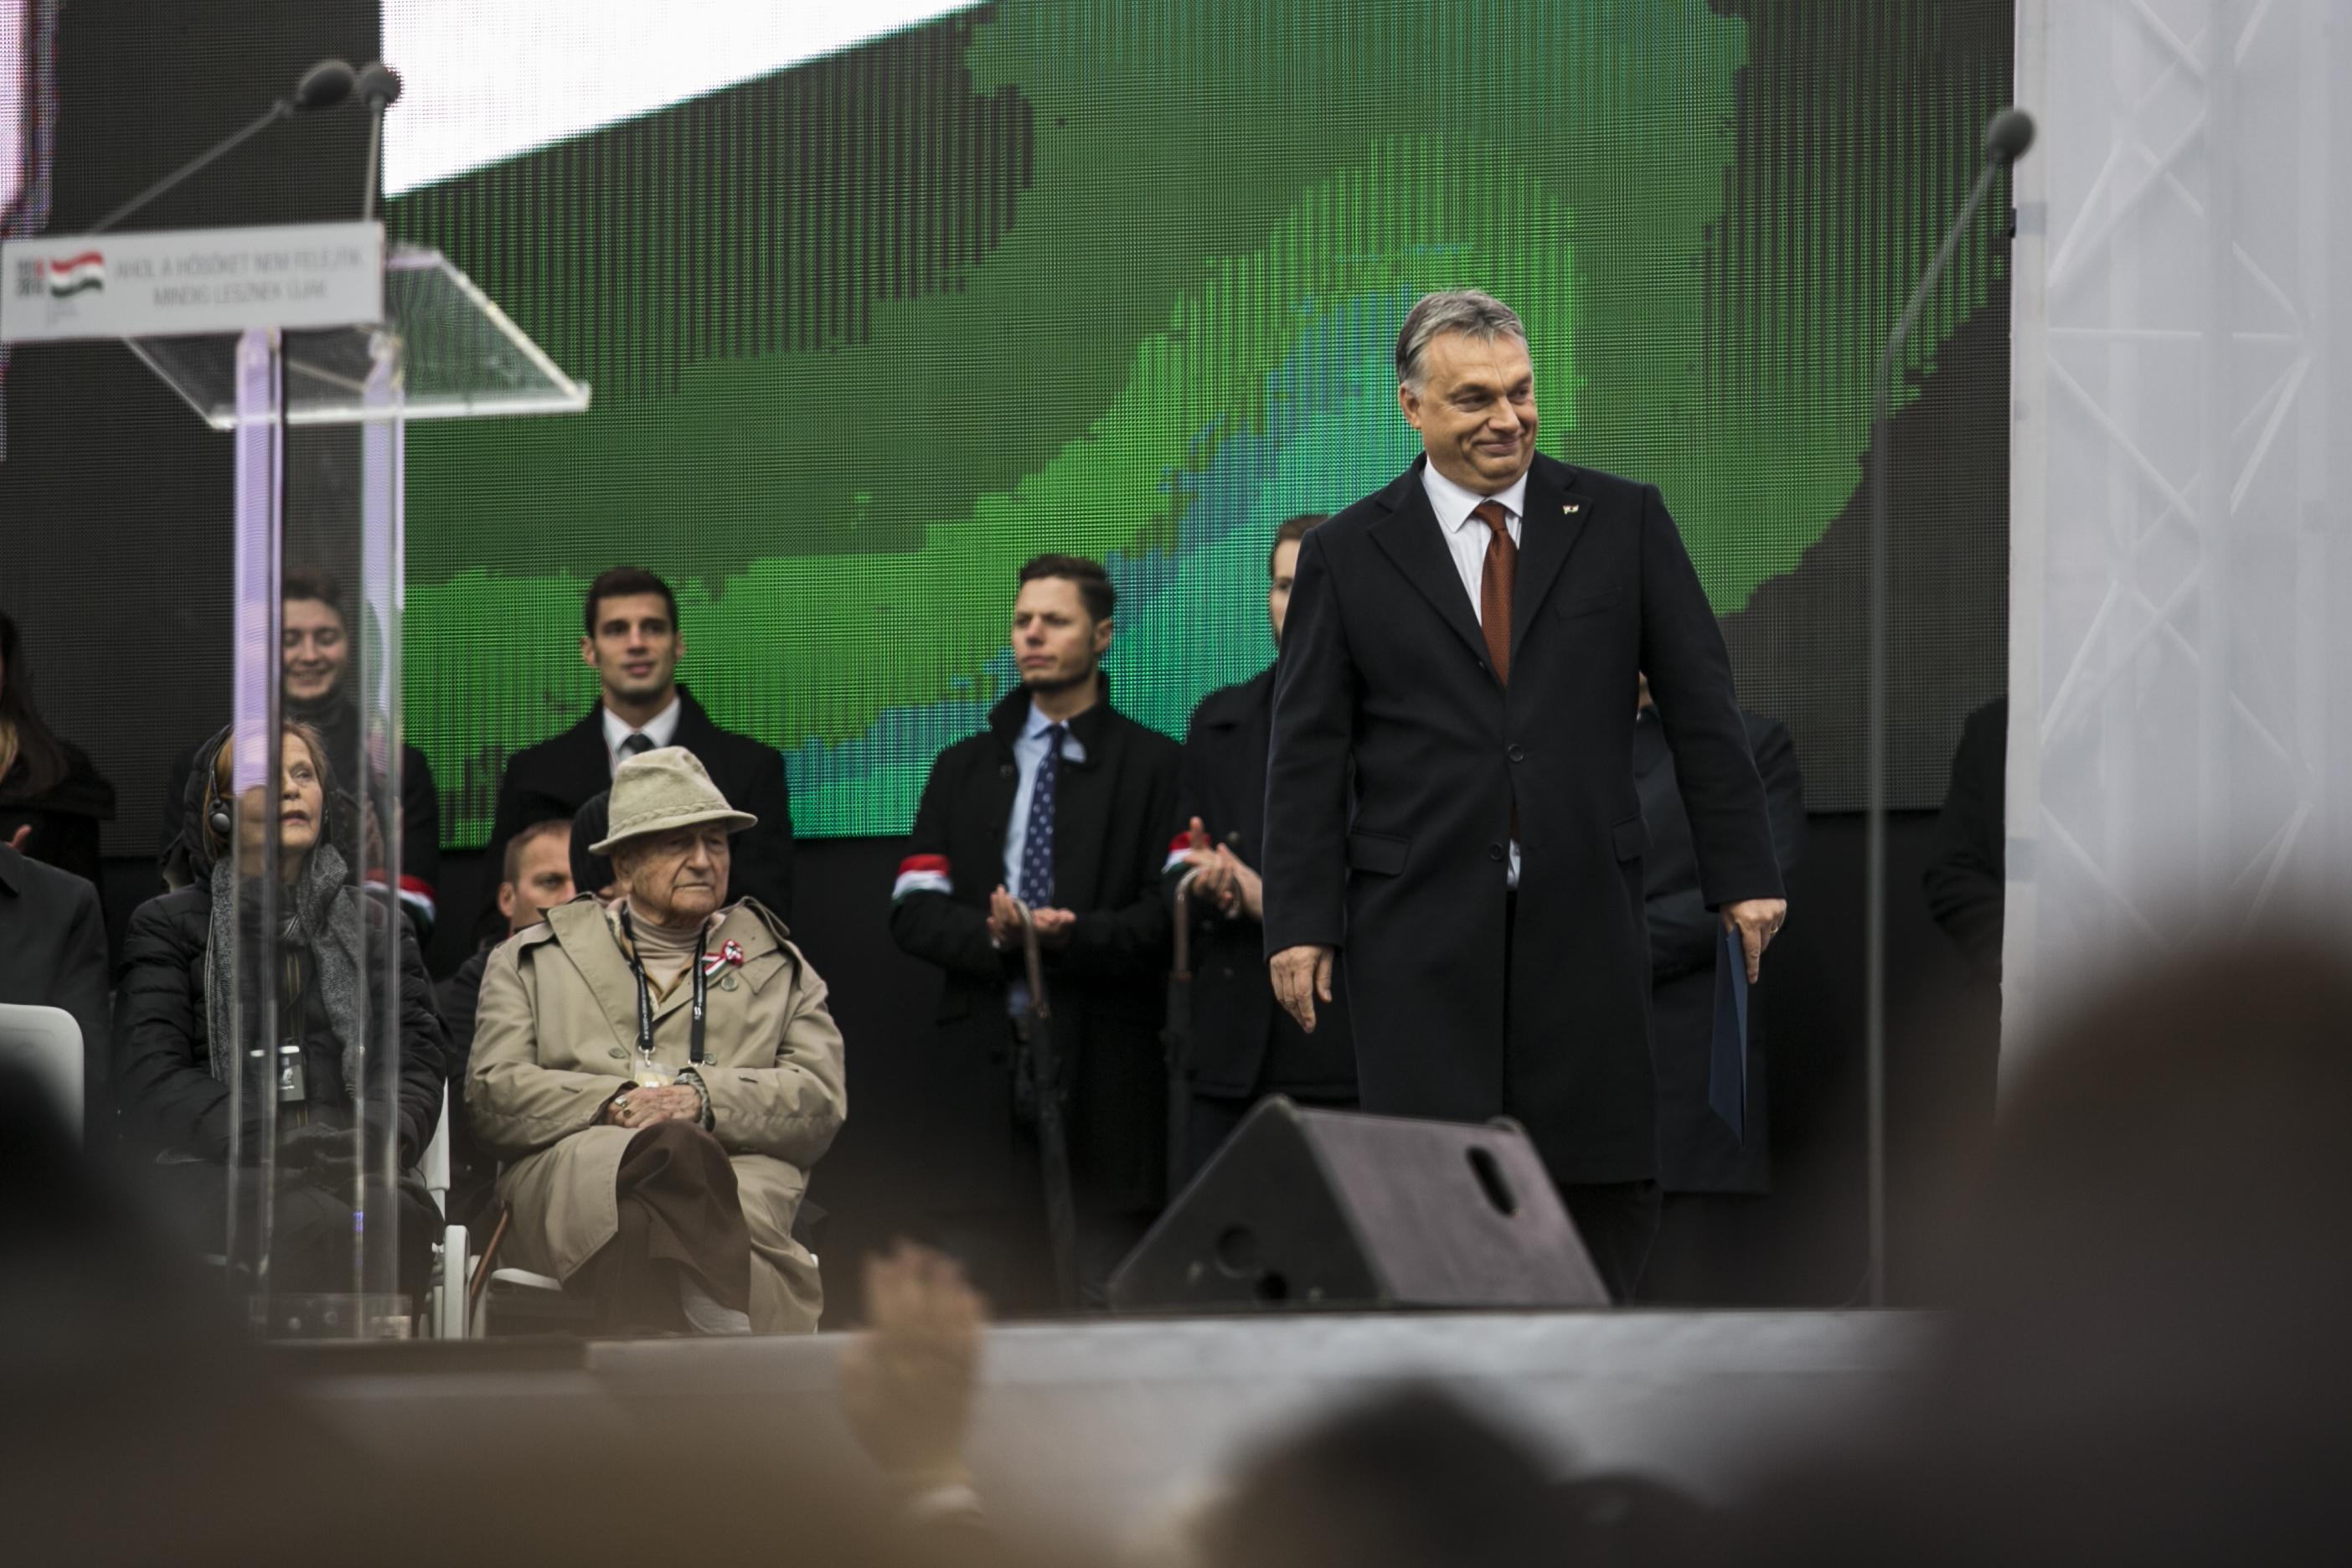 Kunhalmi Orbánnak: Nagyobb szovjet lett, mint az egykori kommunisták